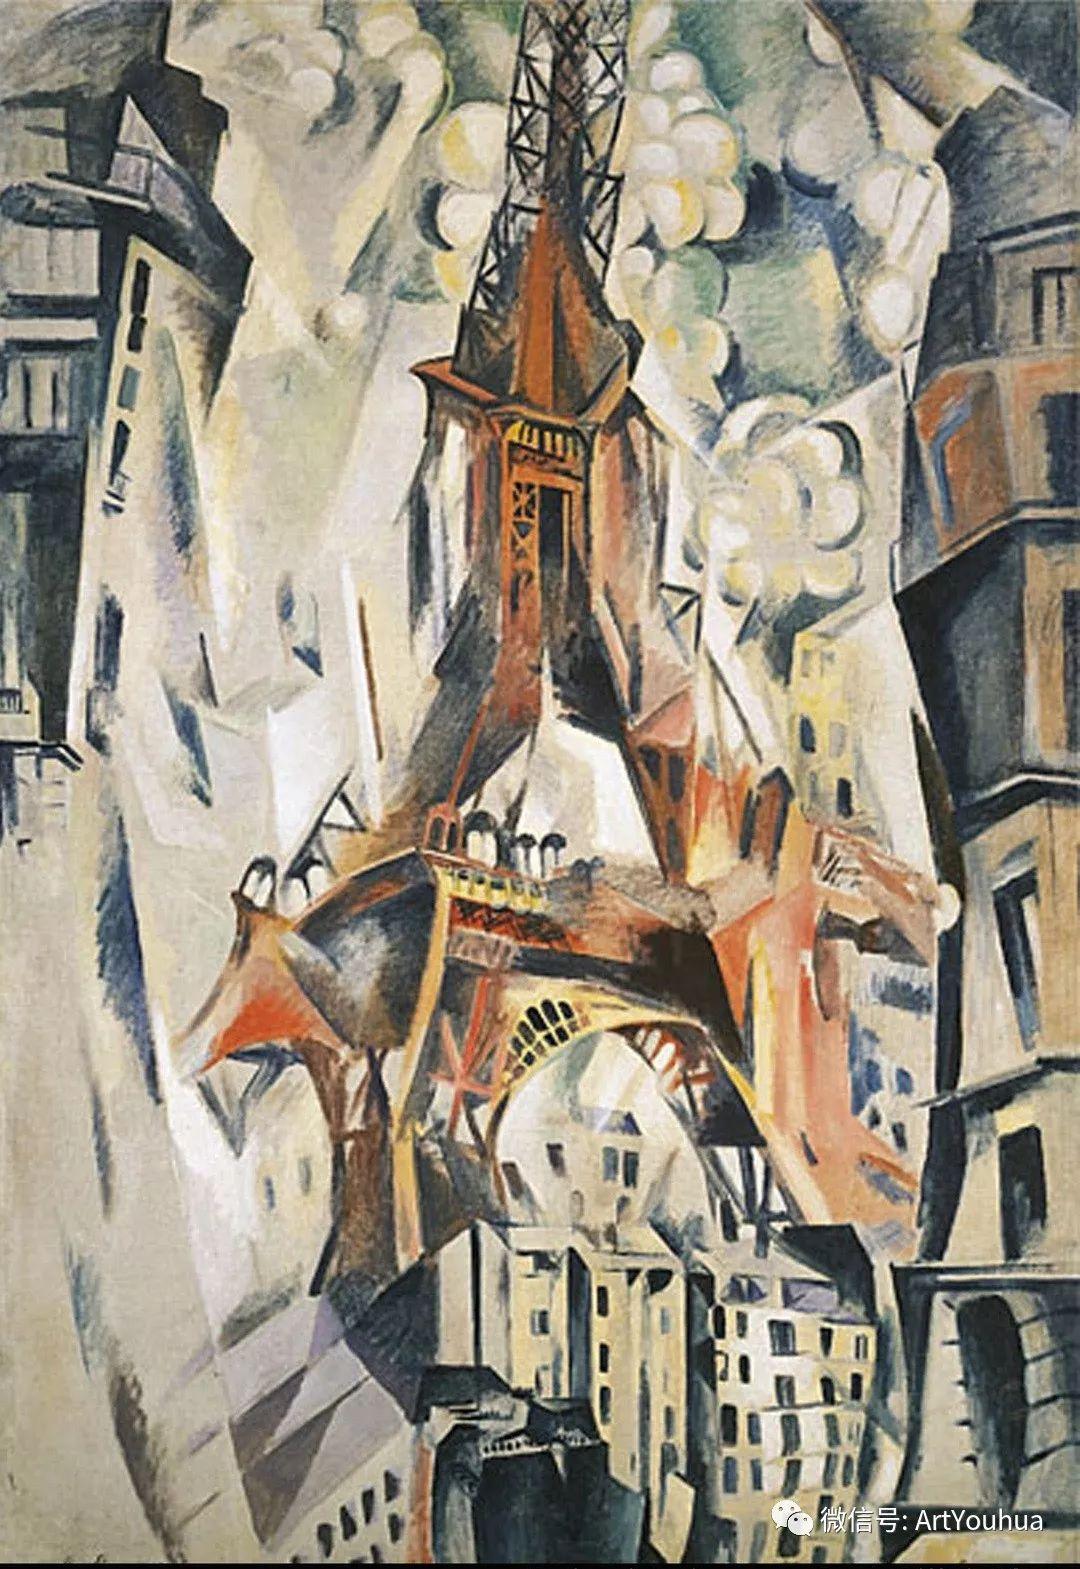 抽象艺术 法国画家Robert Delaunay插图11